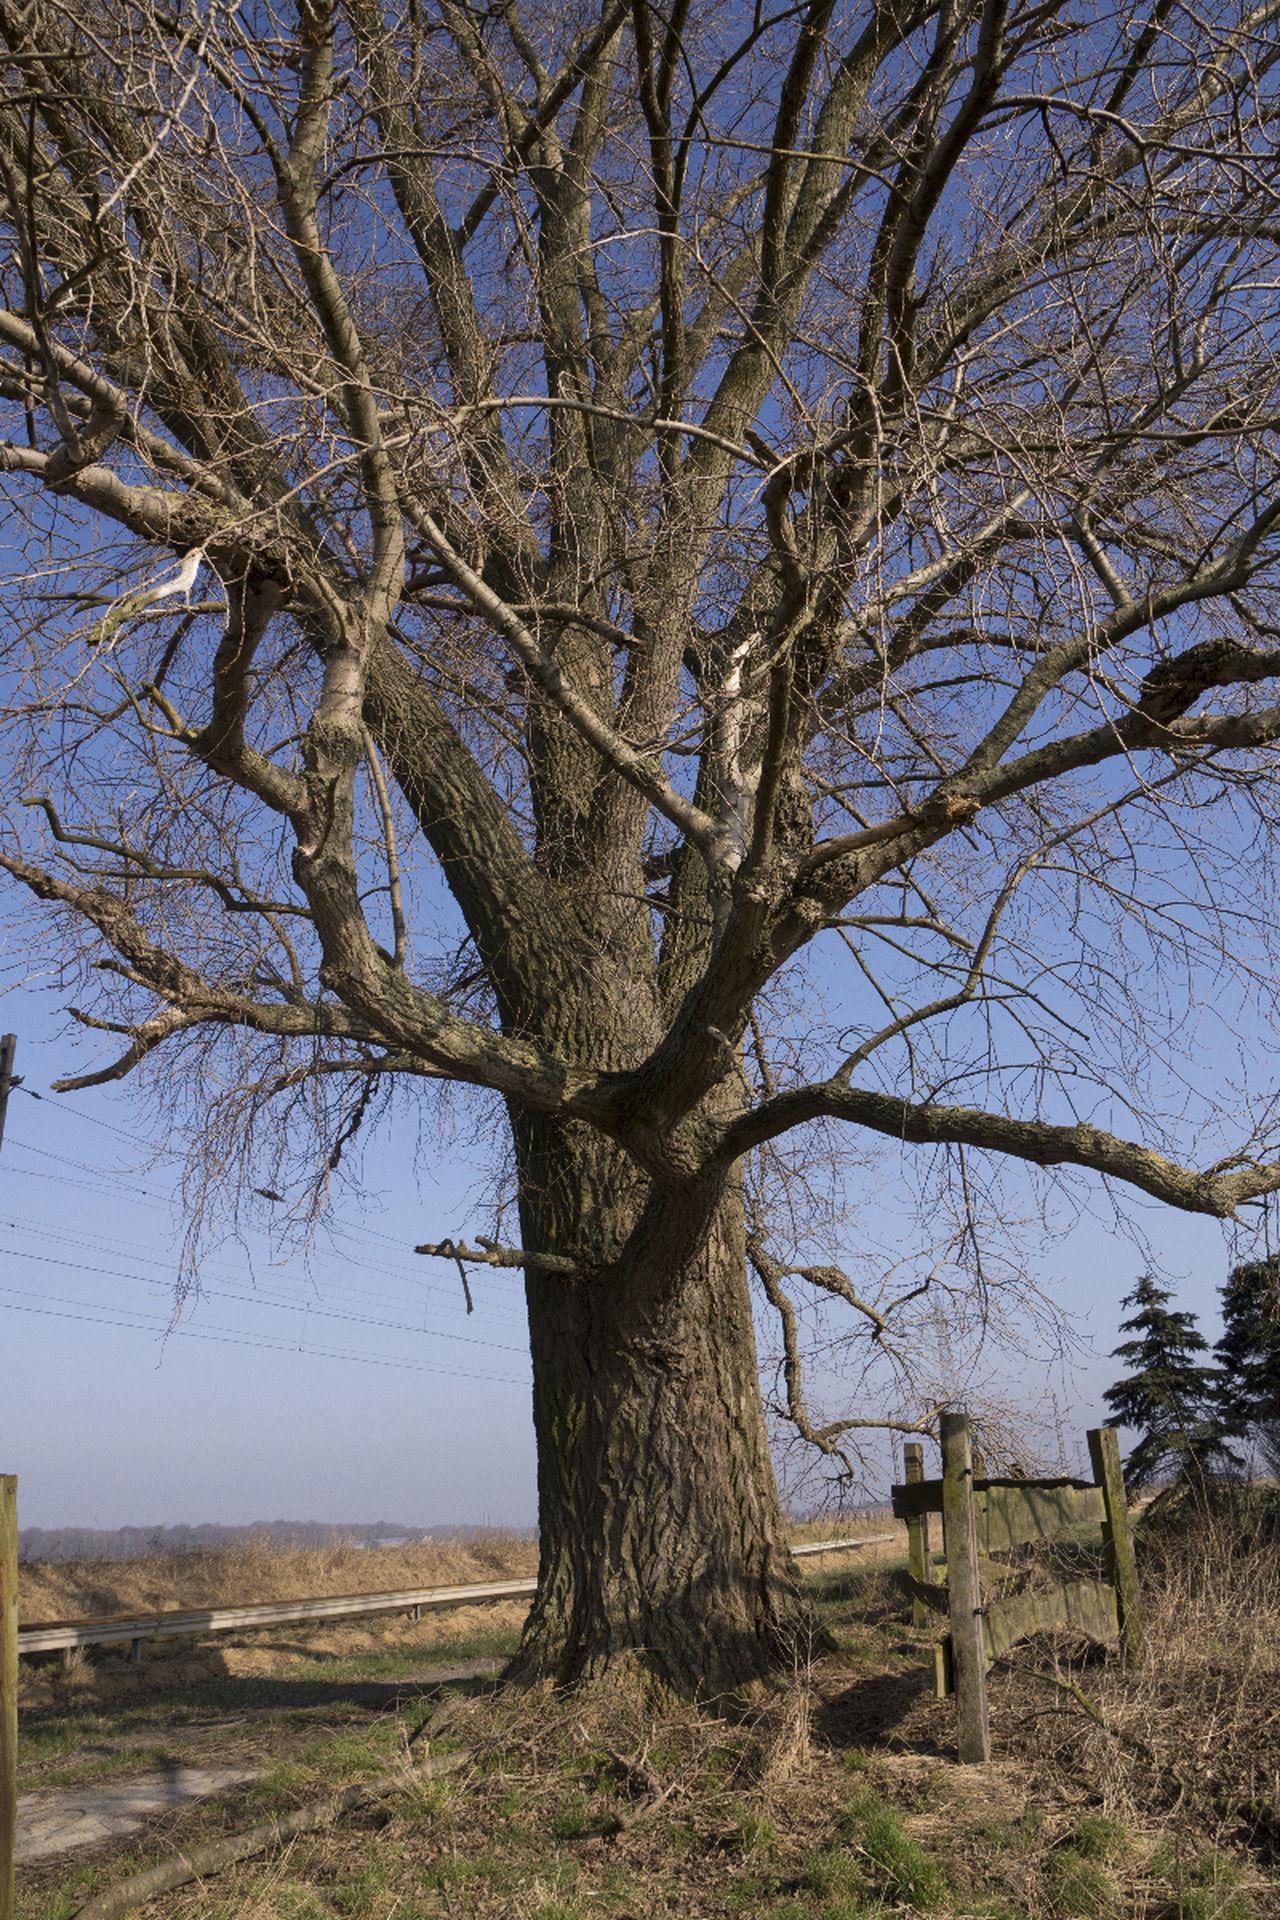 Baum Chestnut Kastanie Ohne Blätter Tree Winter